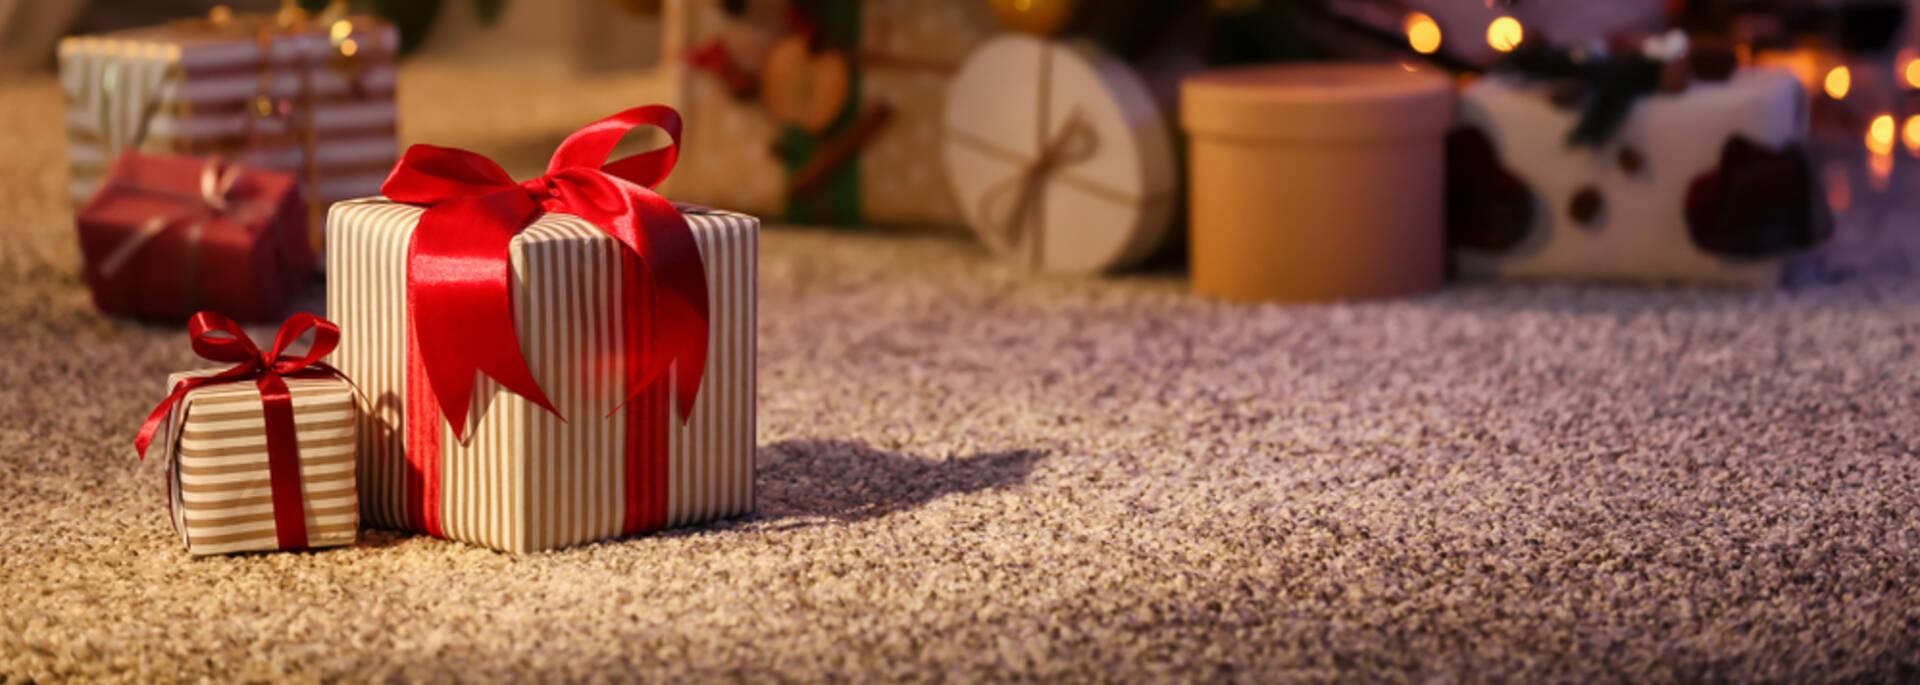 Cadeaux au pied du sapin ©shutterstock